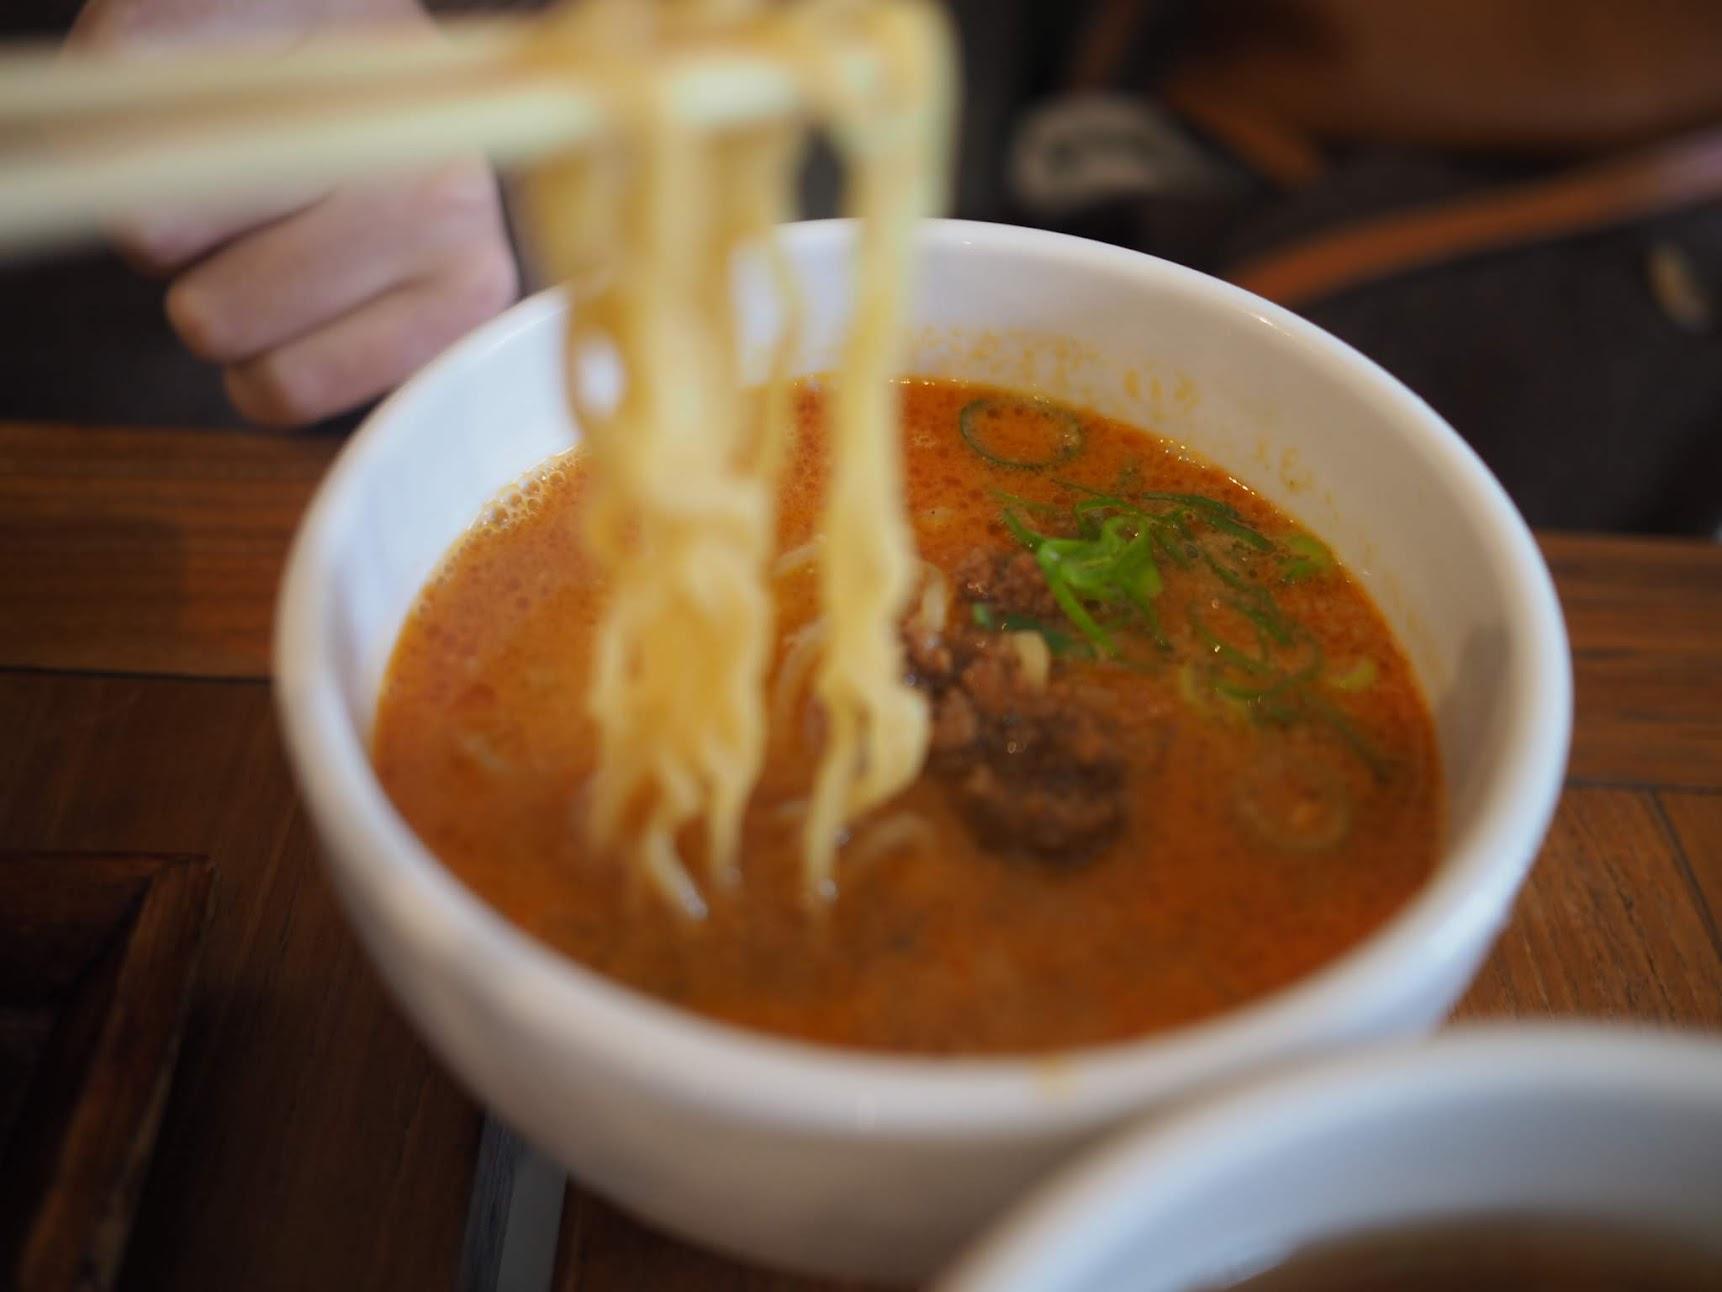 ヌーリーチャイニーズキッチンの担々麺